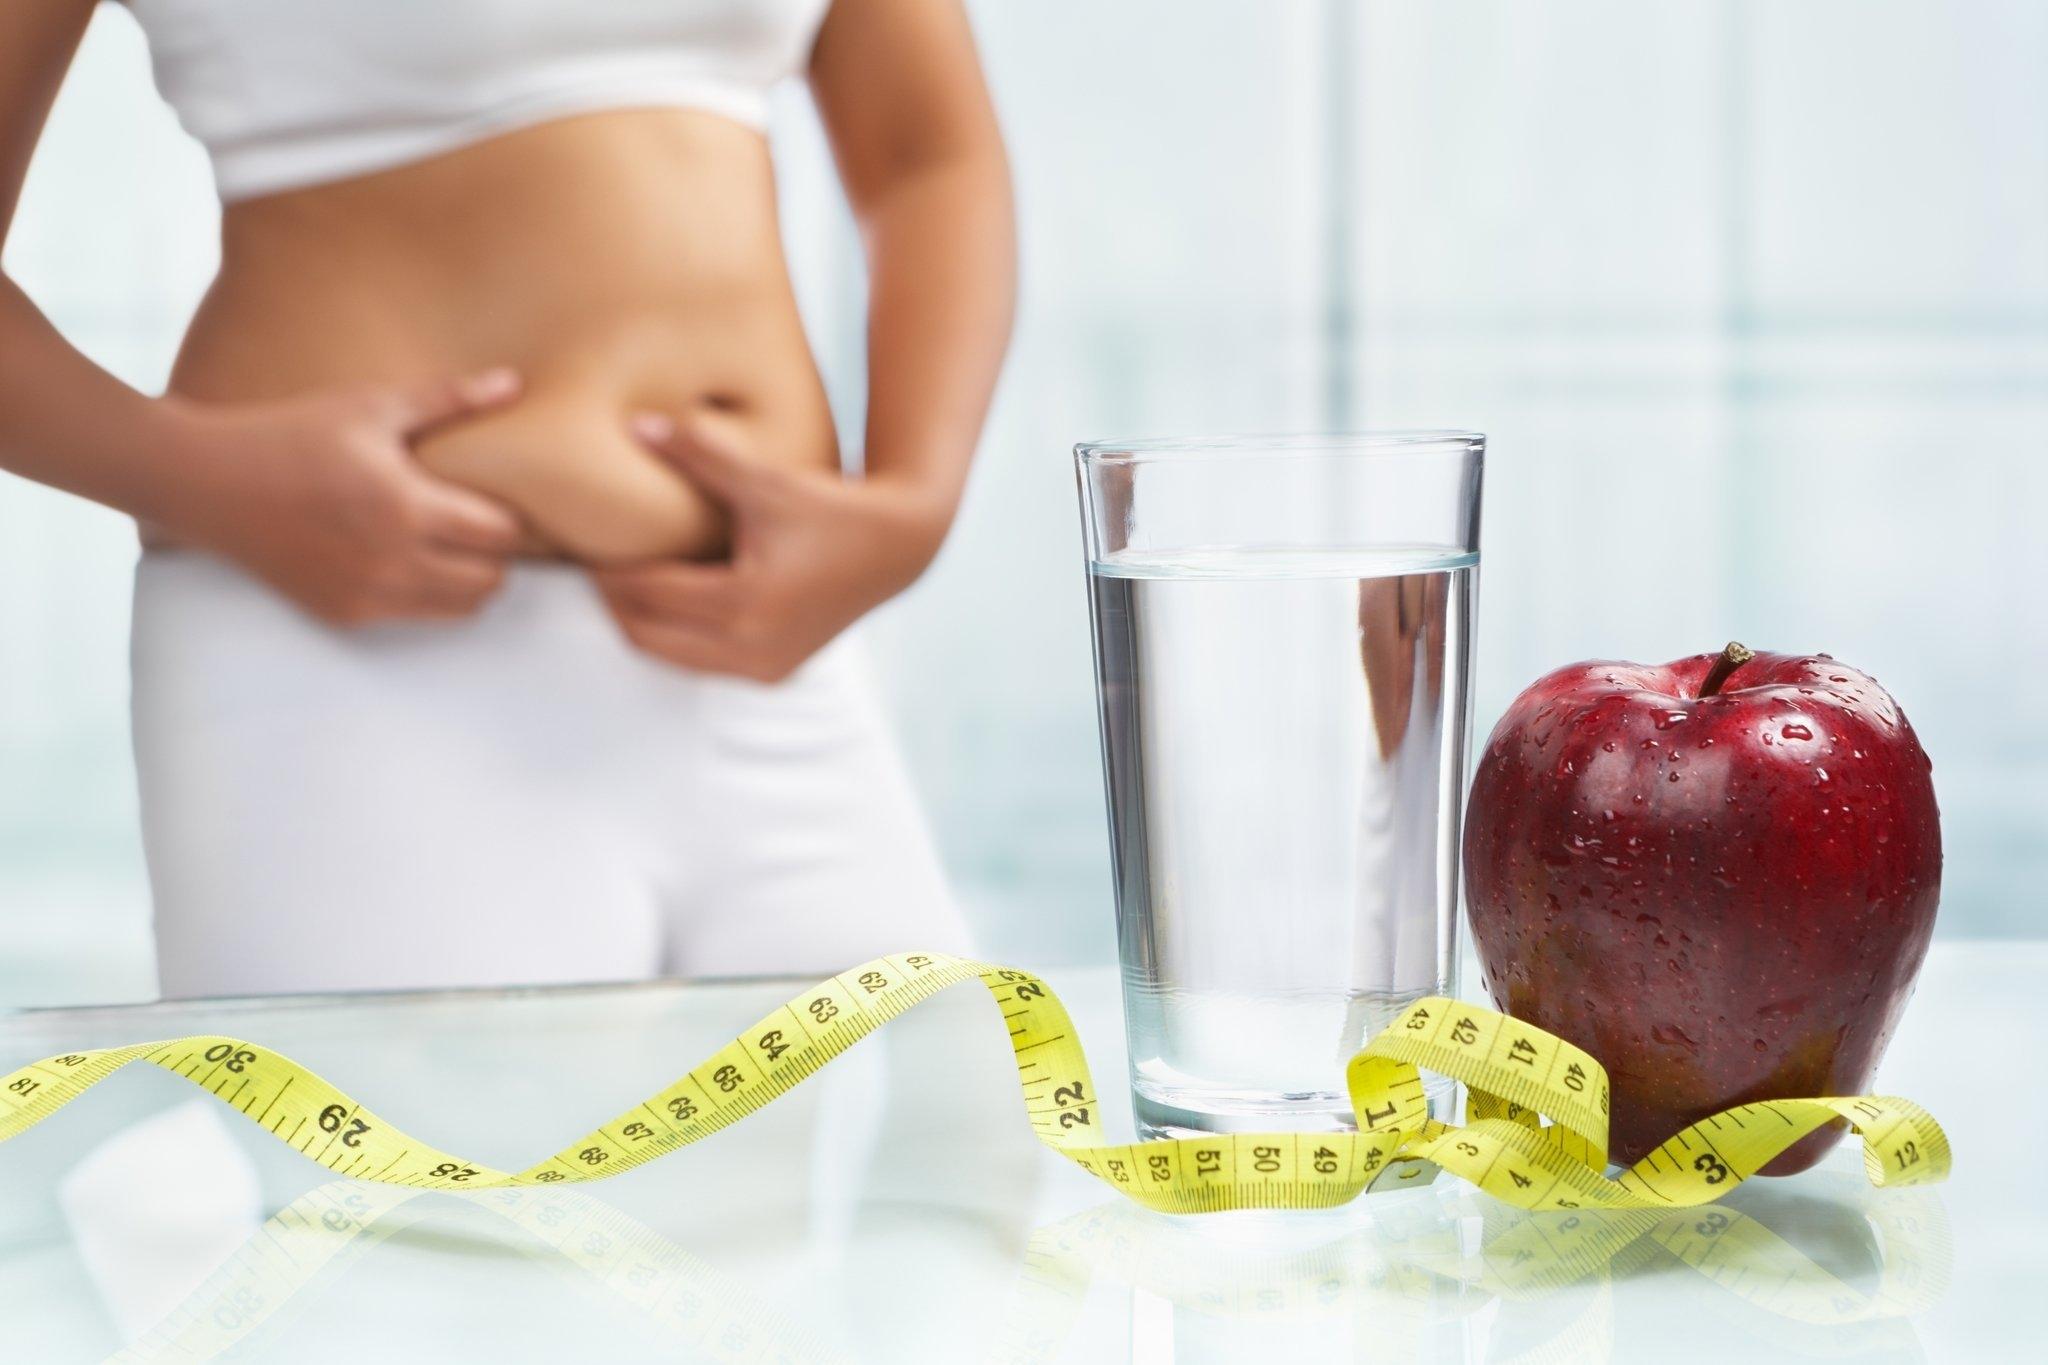 Вес остановился при похудении: что делать?